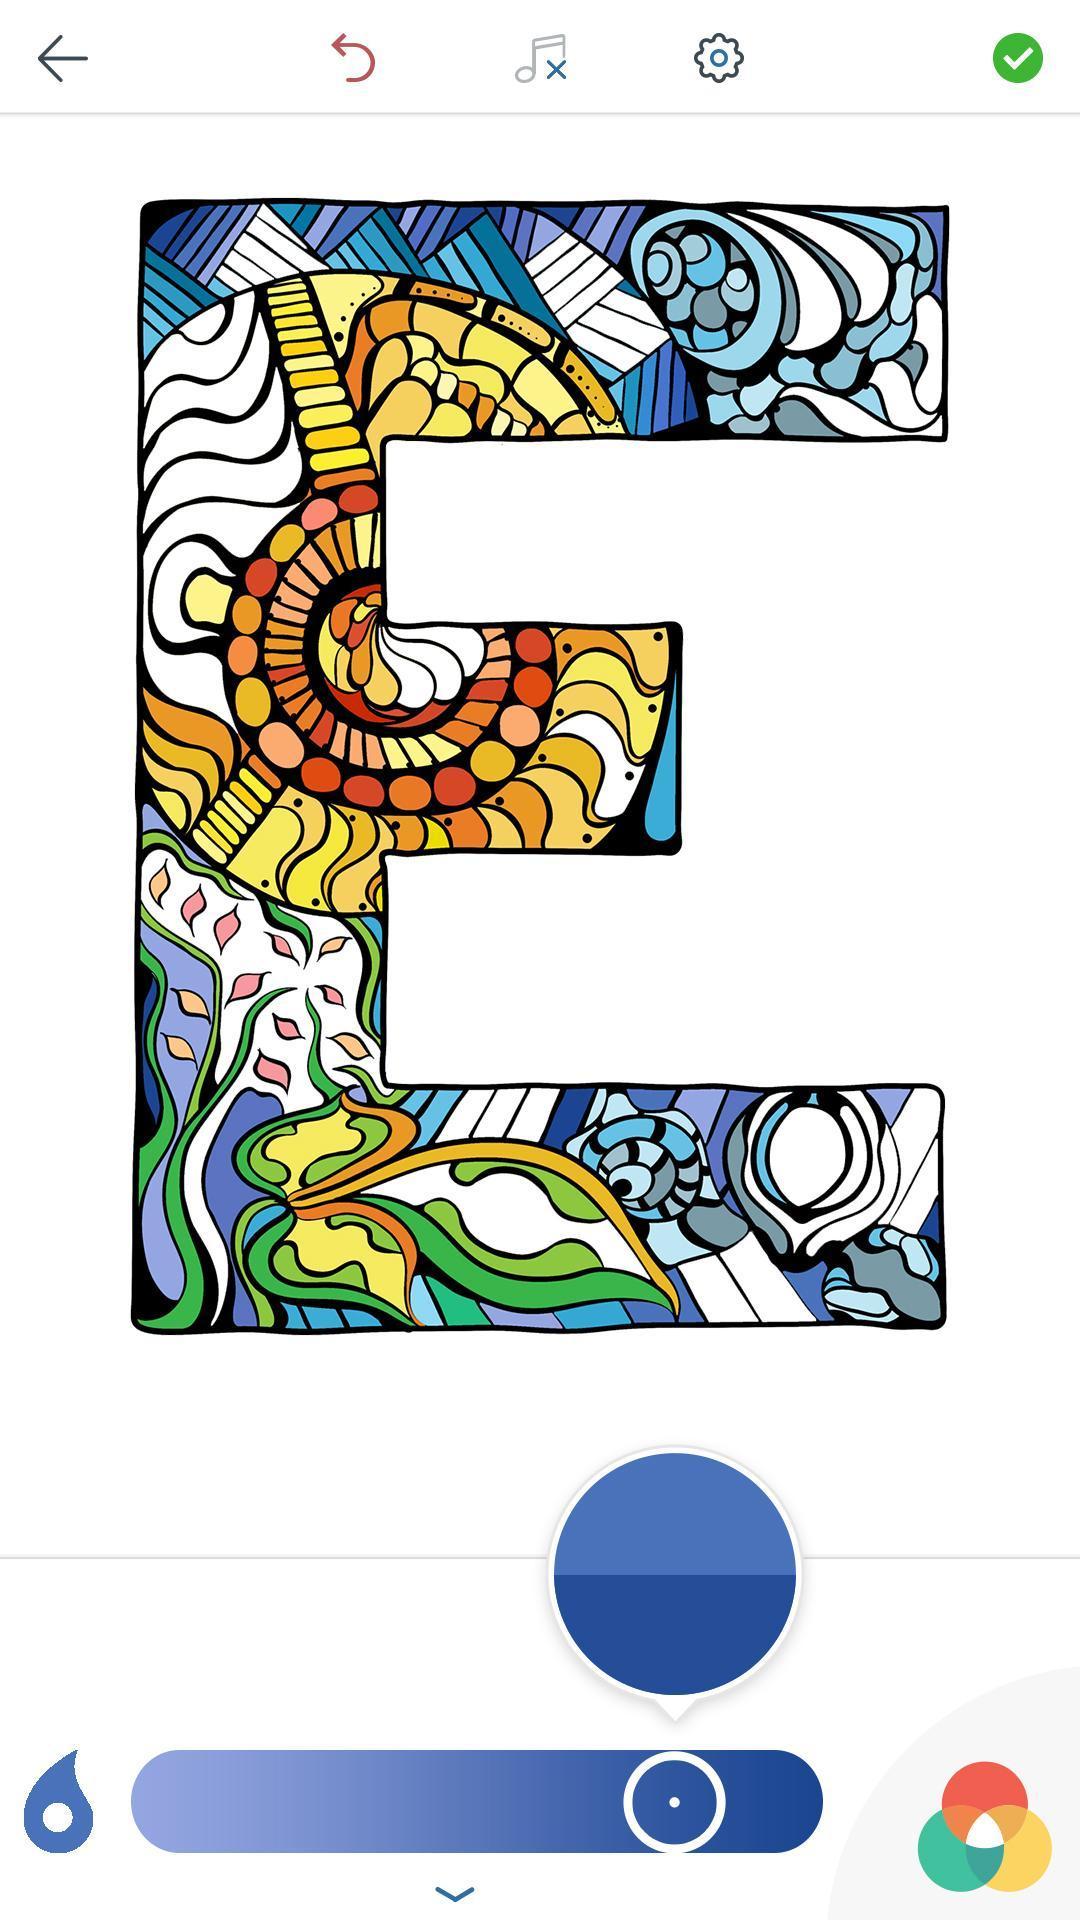 abc malvorlagen online  zeichnen und färben